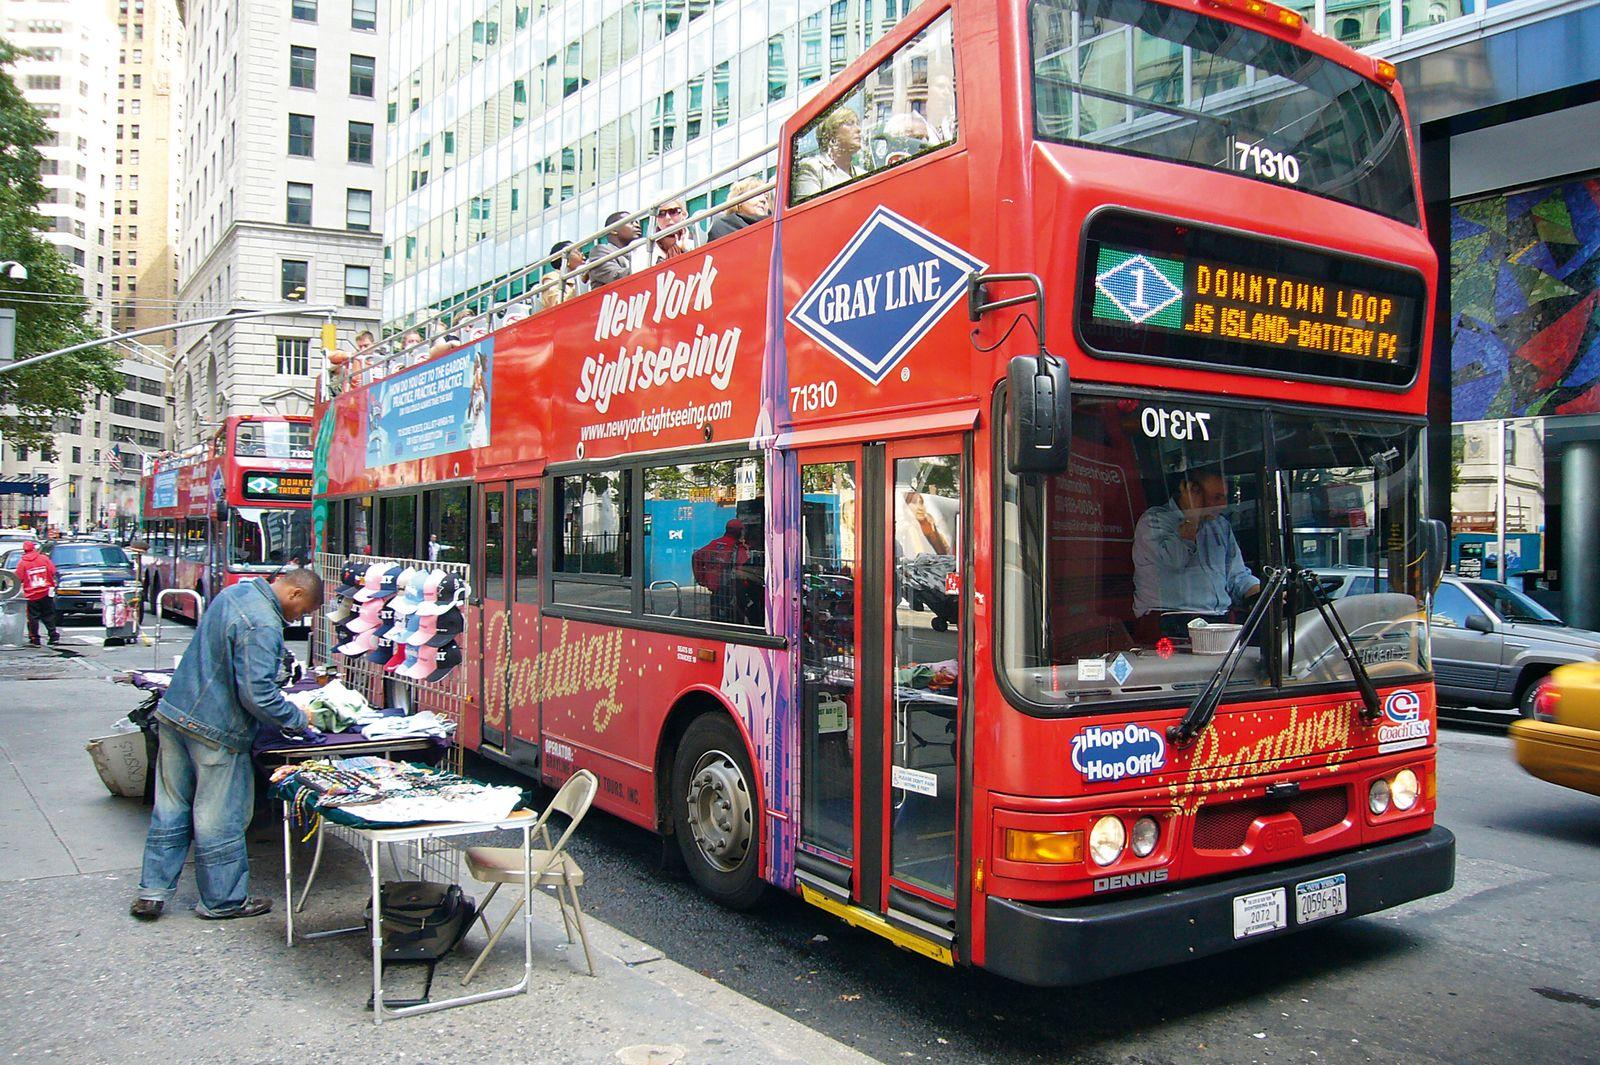 Sightseeing mit dem Grayline-Bus